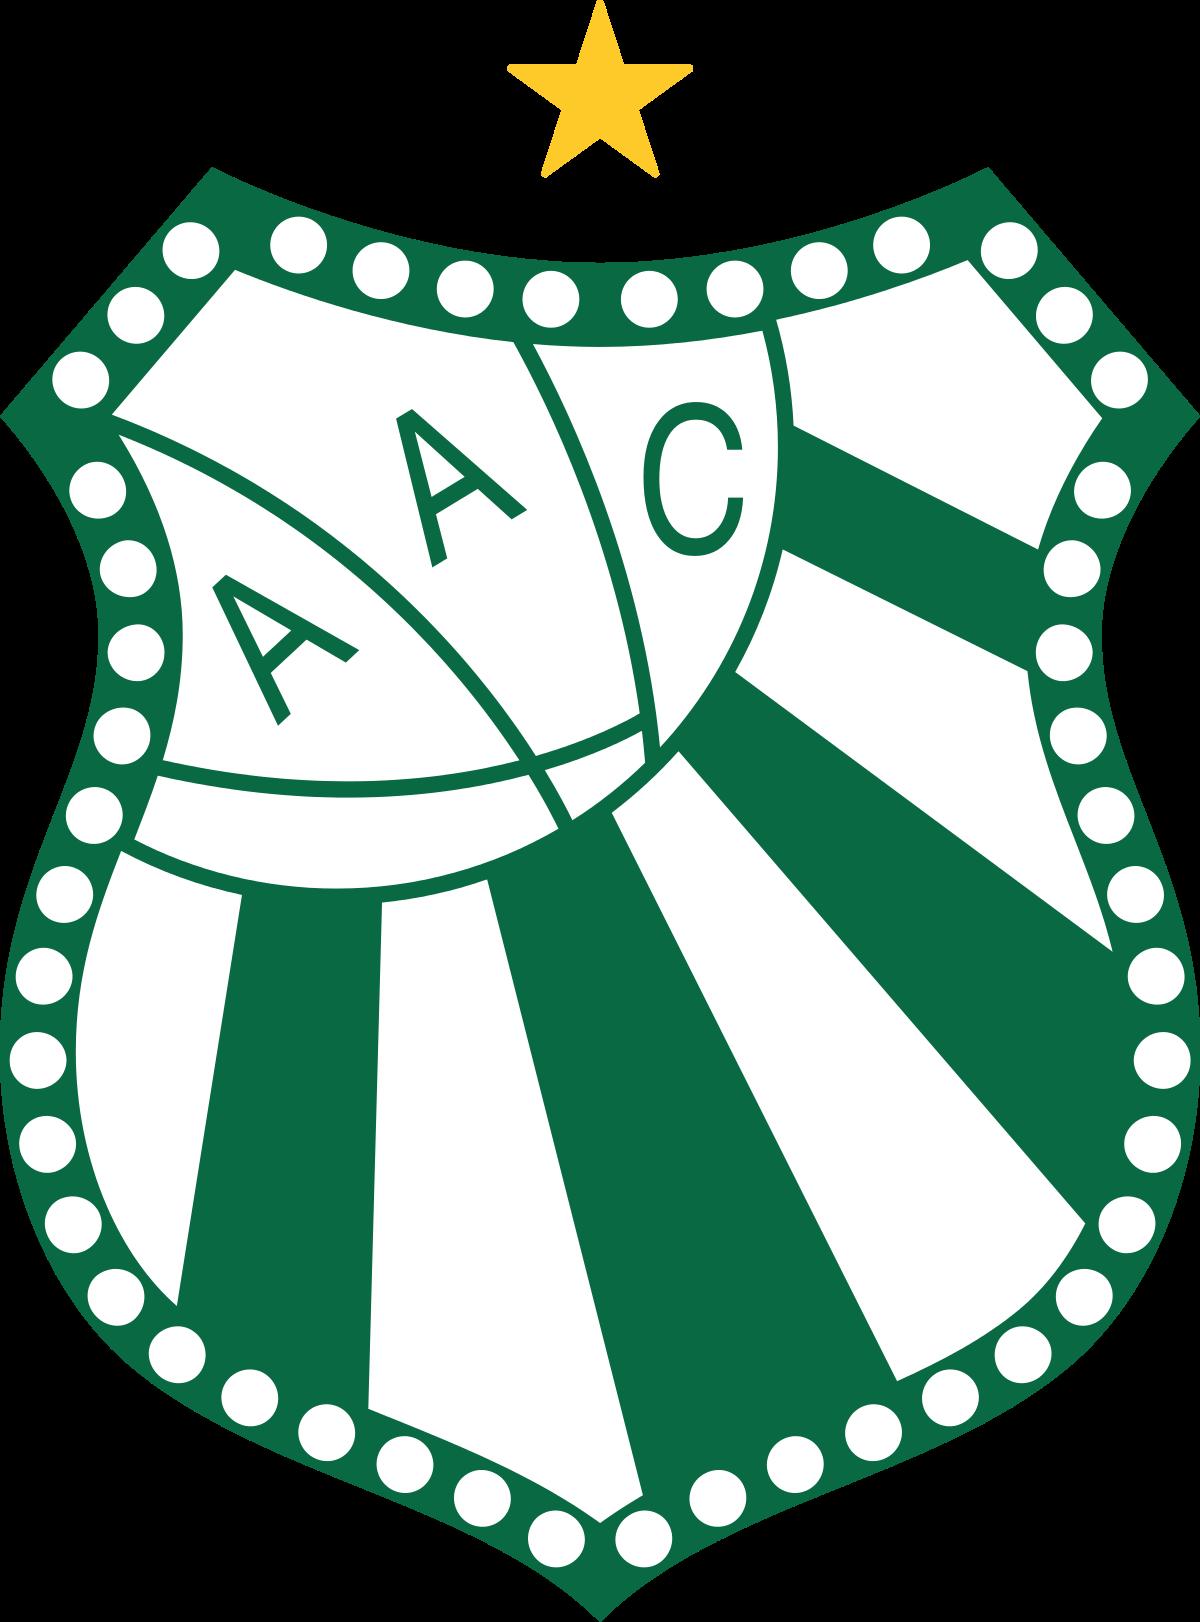 Associação Atlética Caldense.